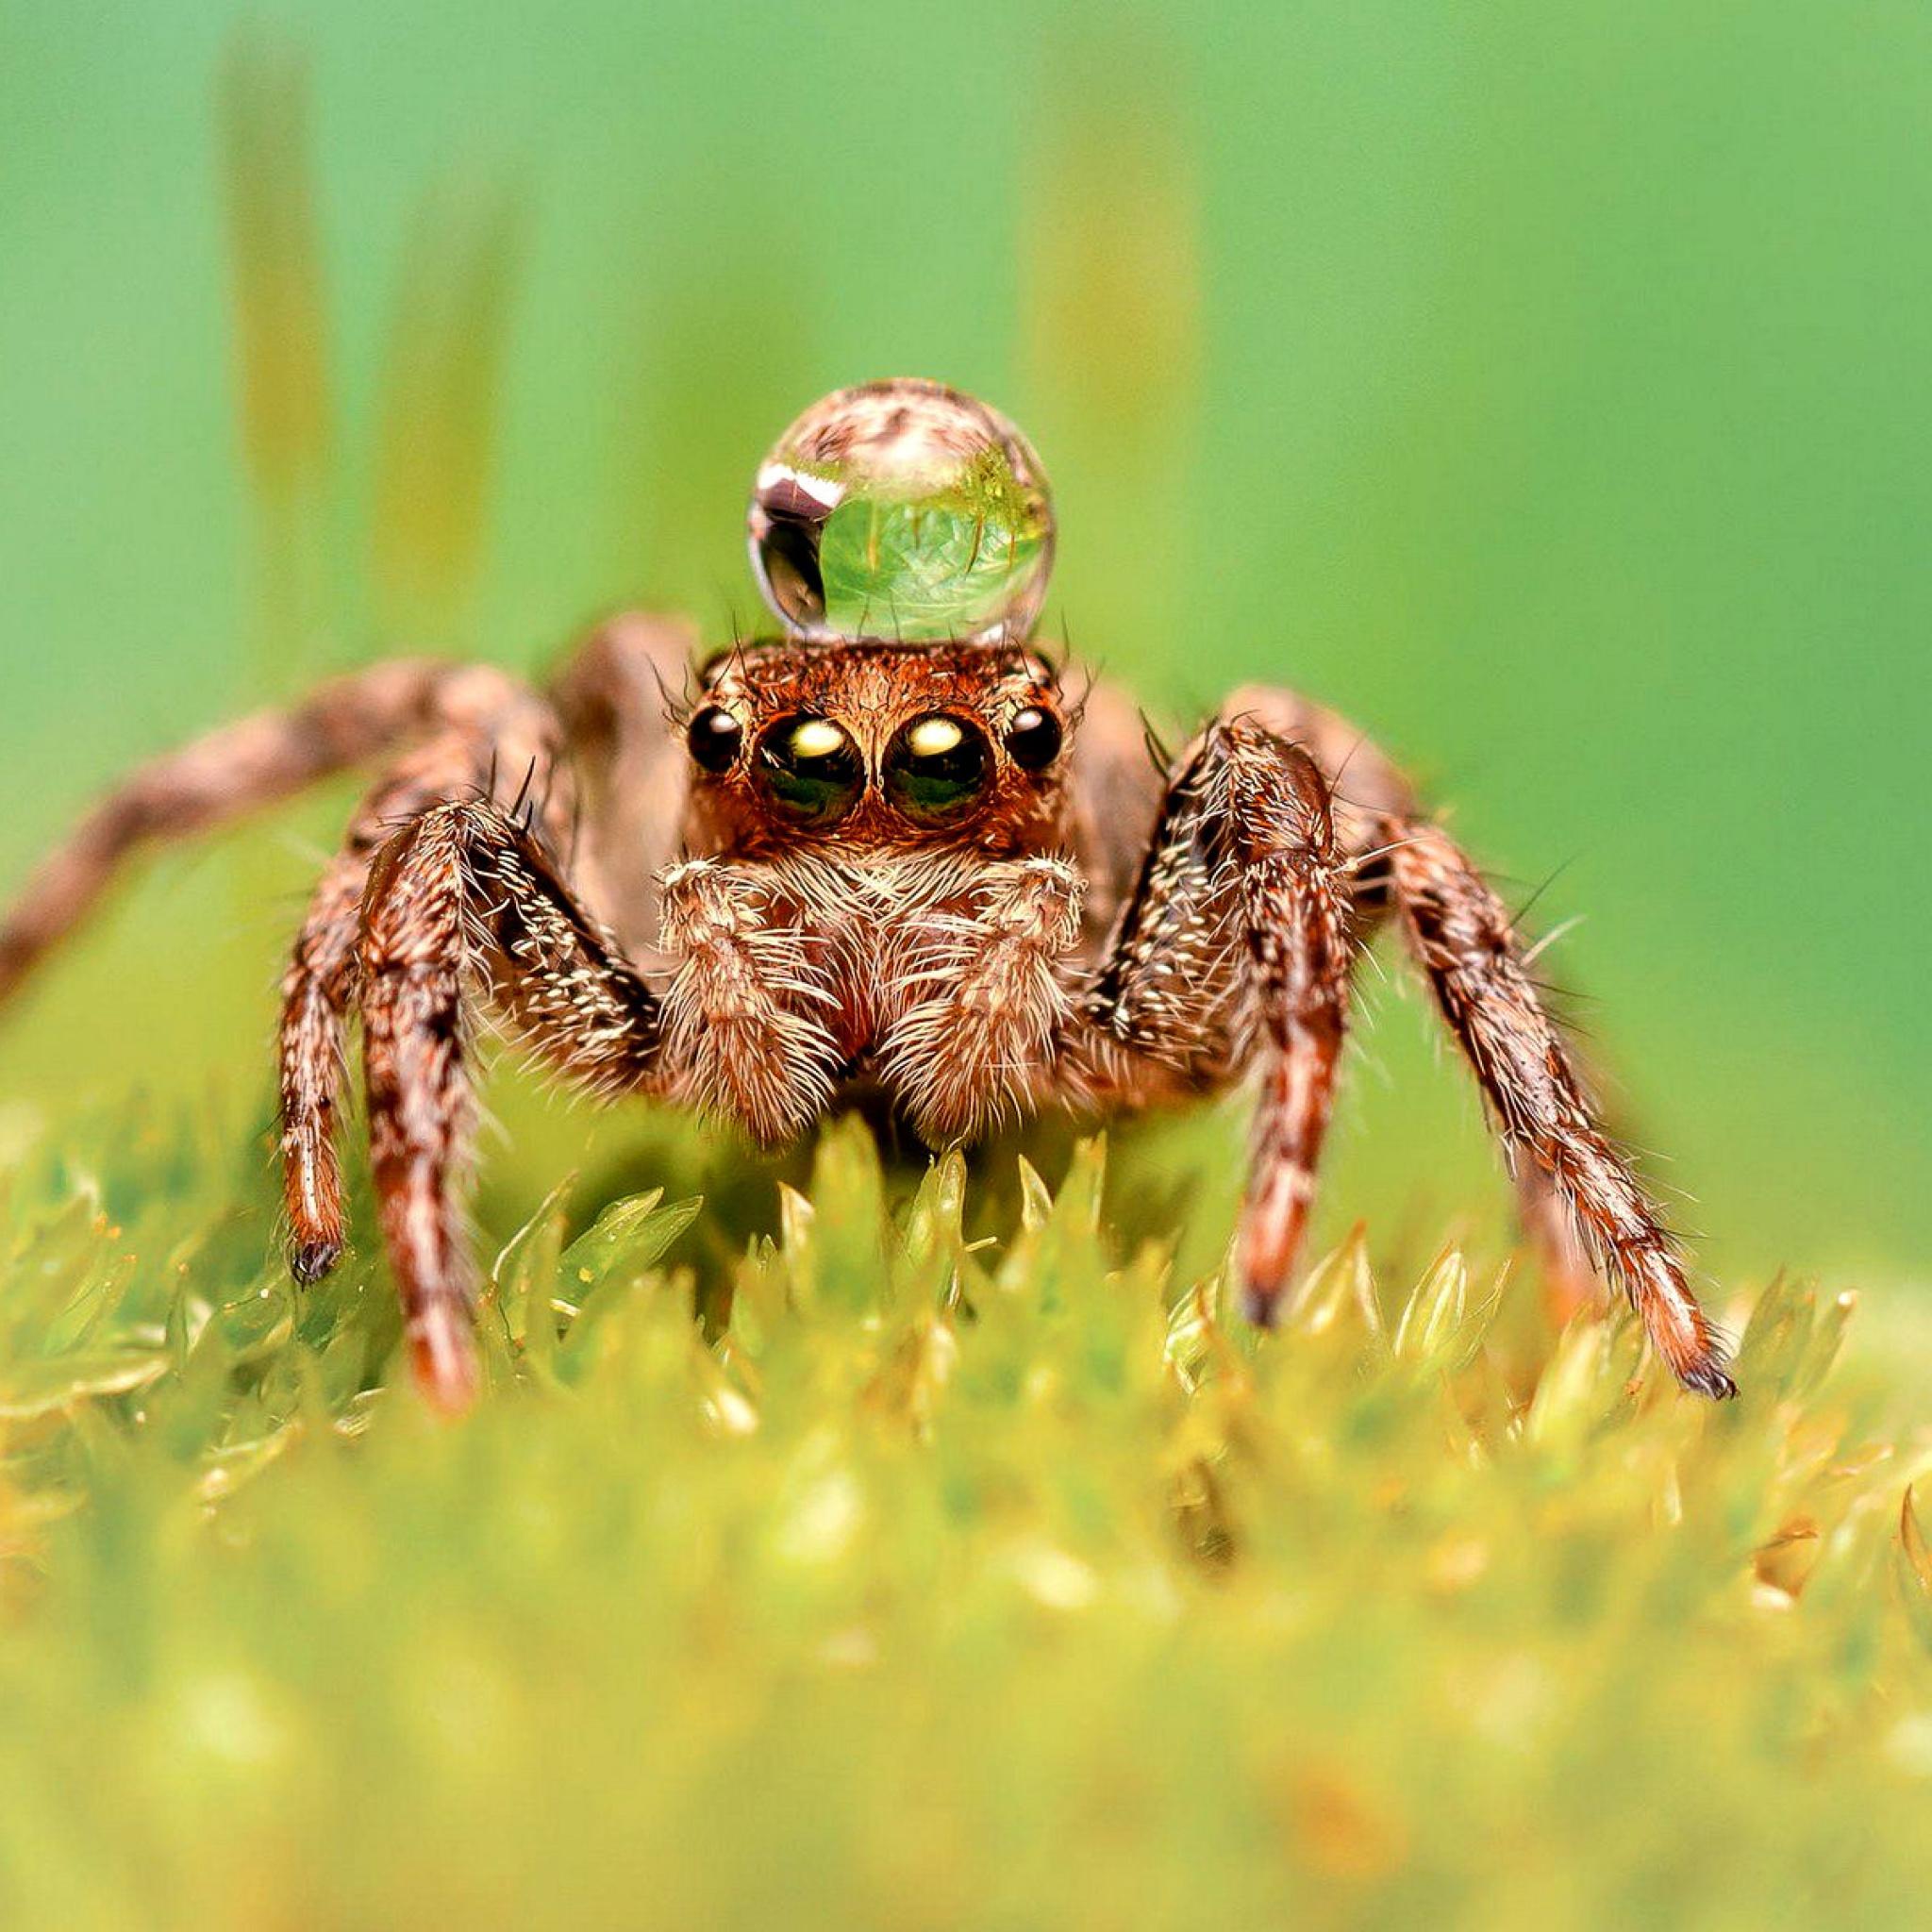 природа животные паук  № 2544174 загрузить